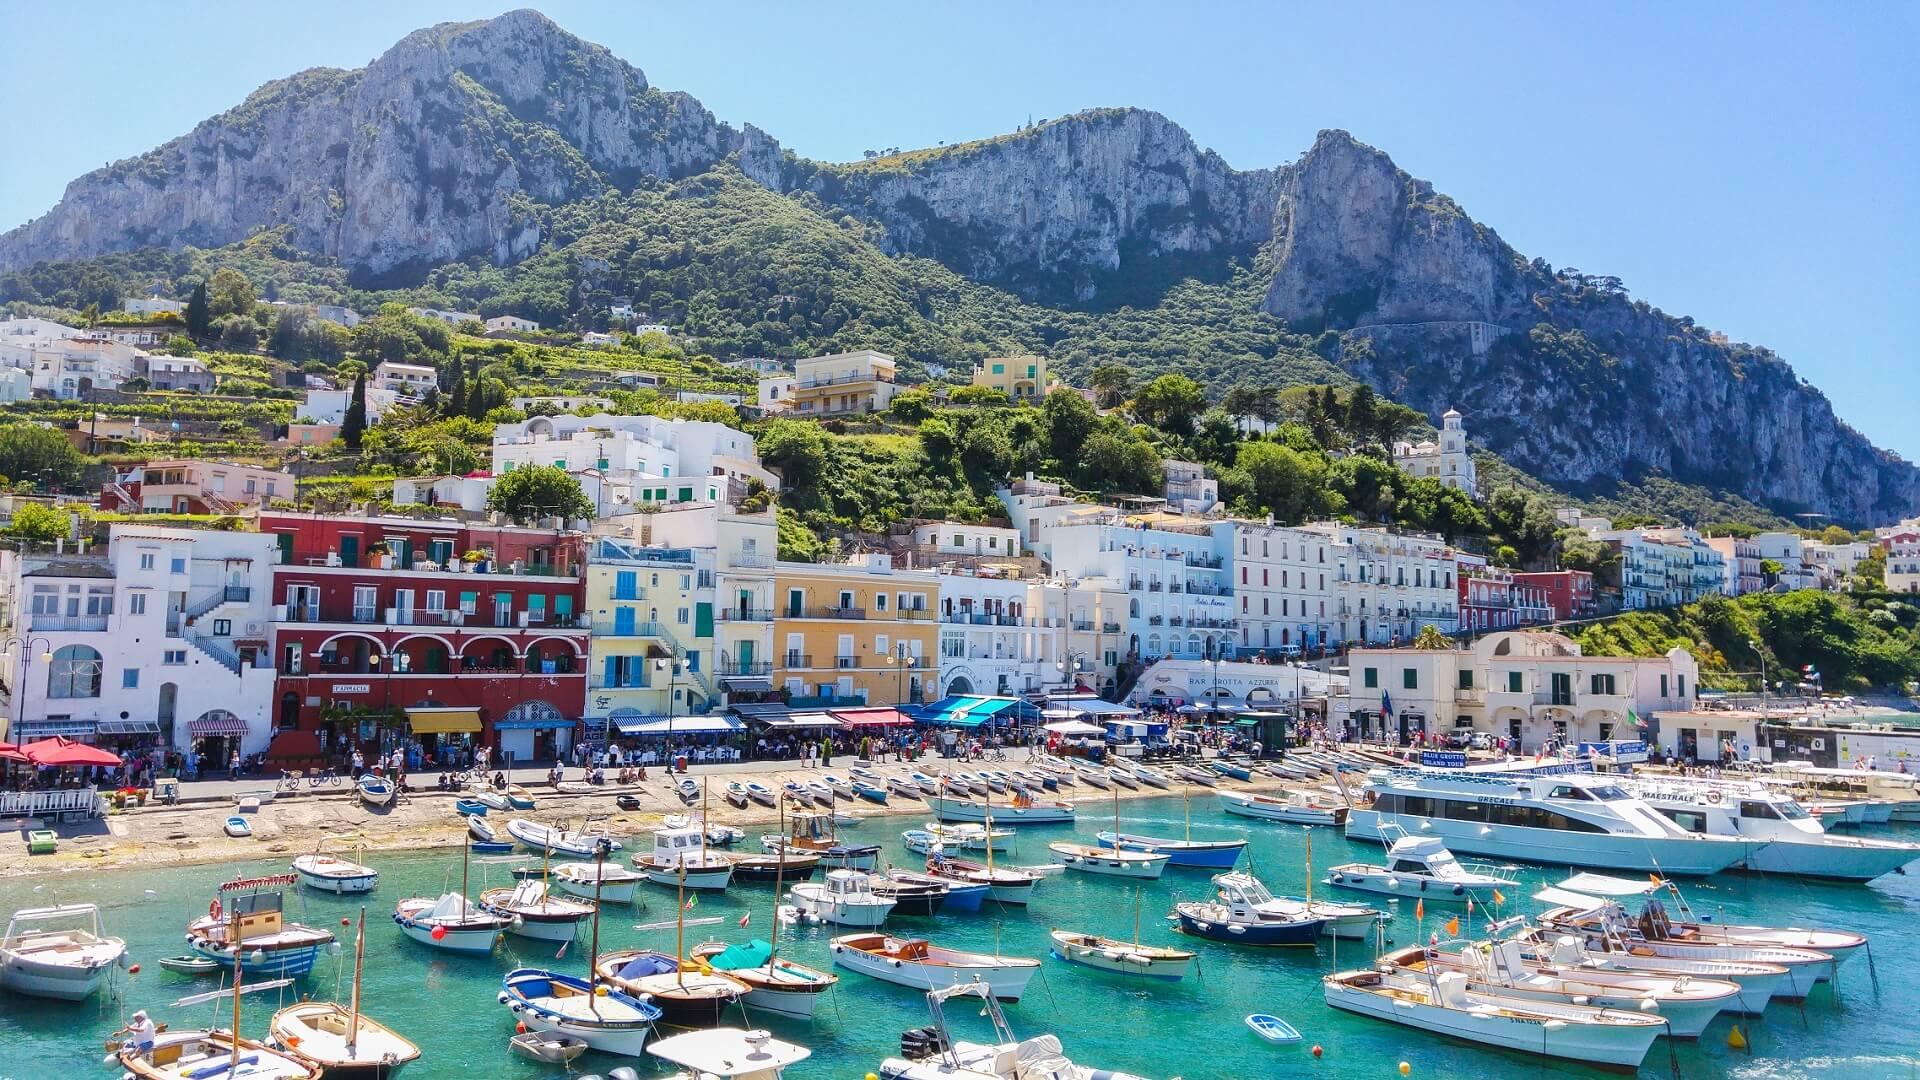 Der bunte Hafen von Capri in Italien